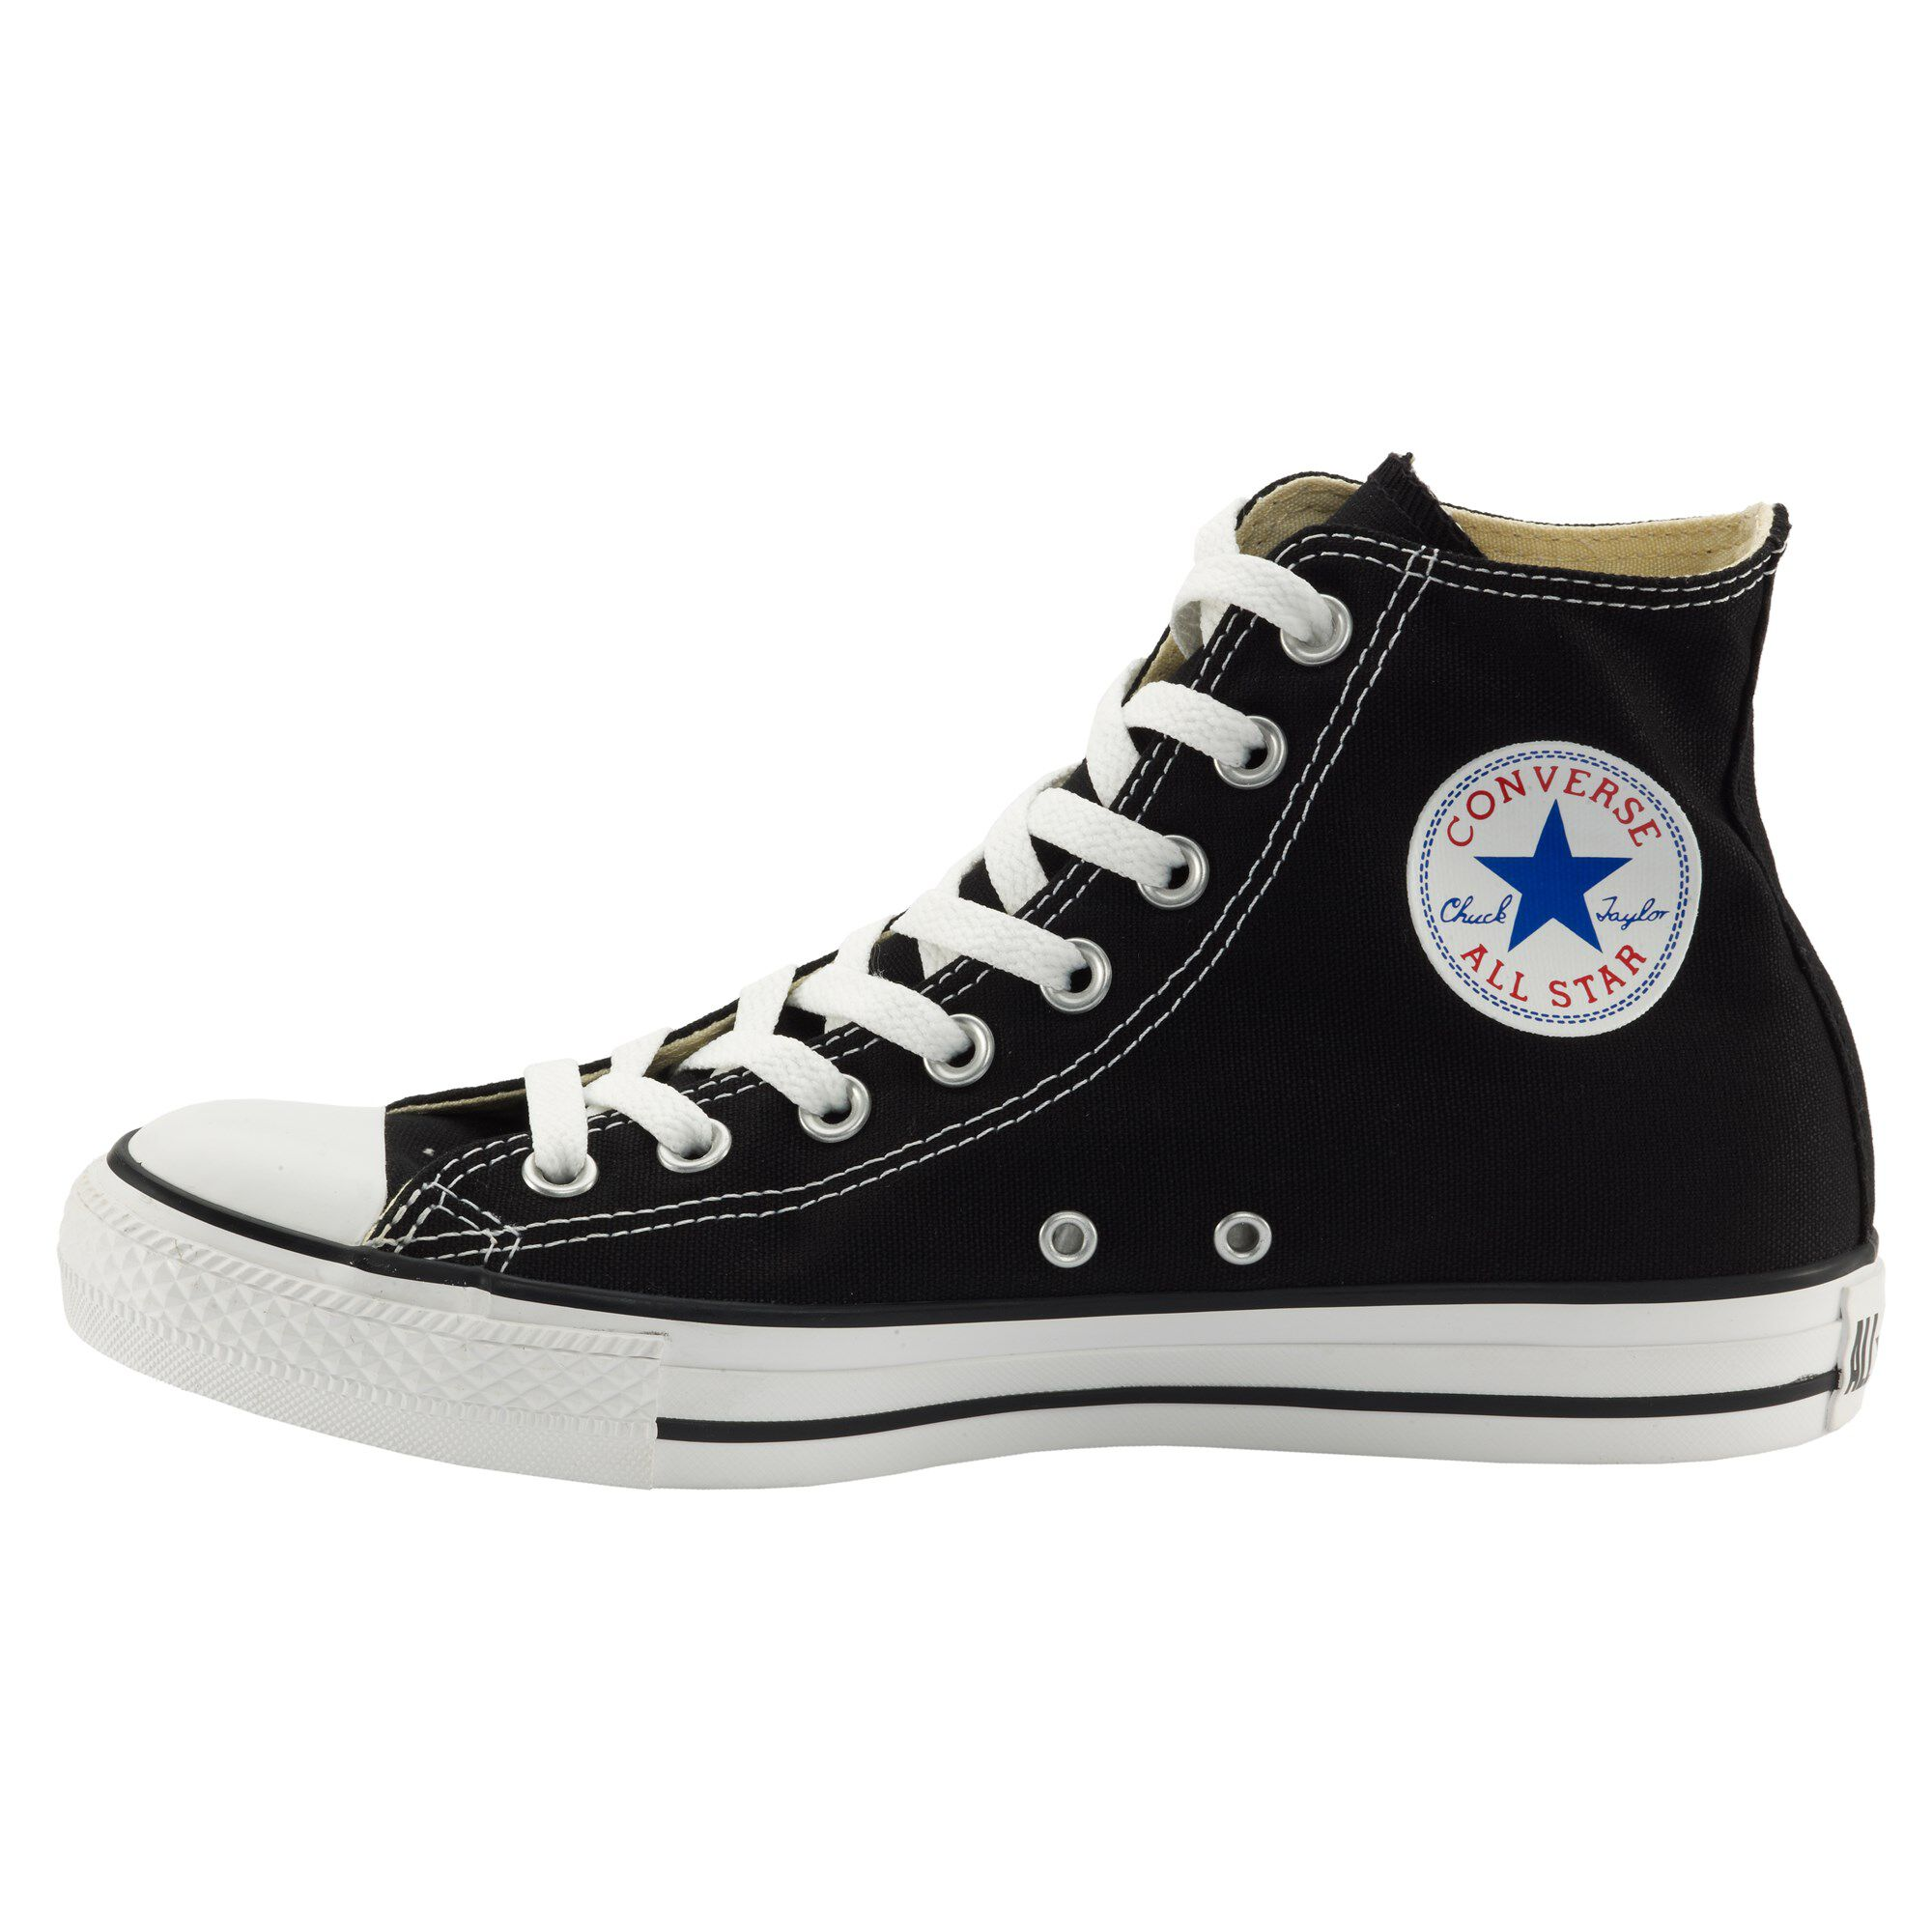 converse hvor kan du få billige sko